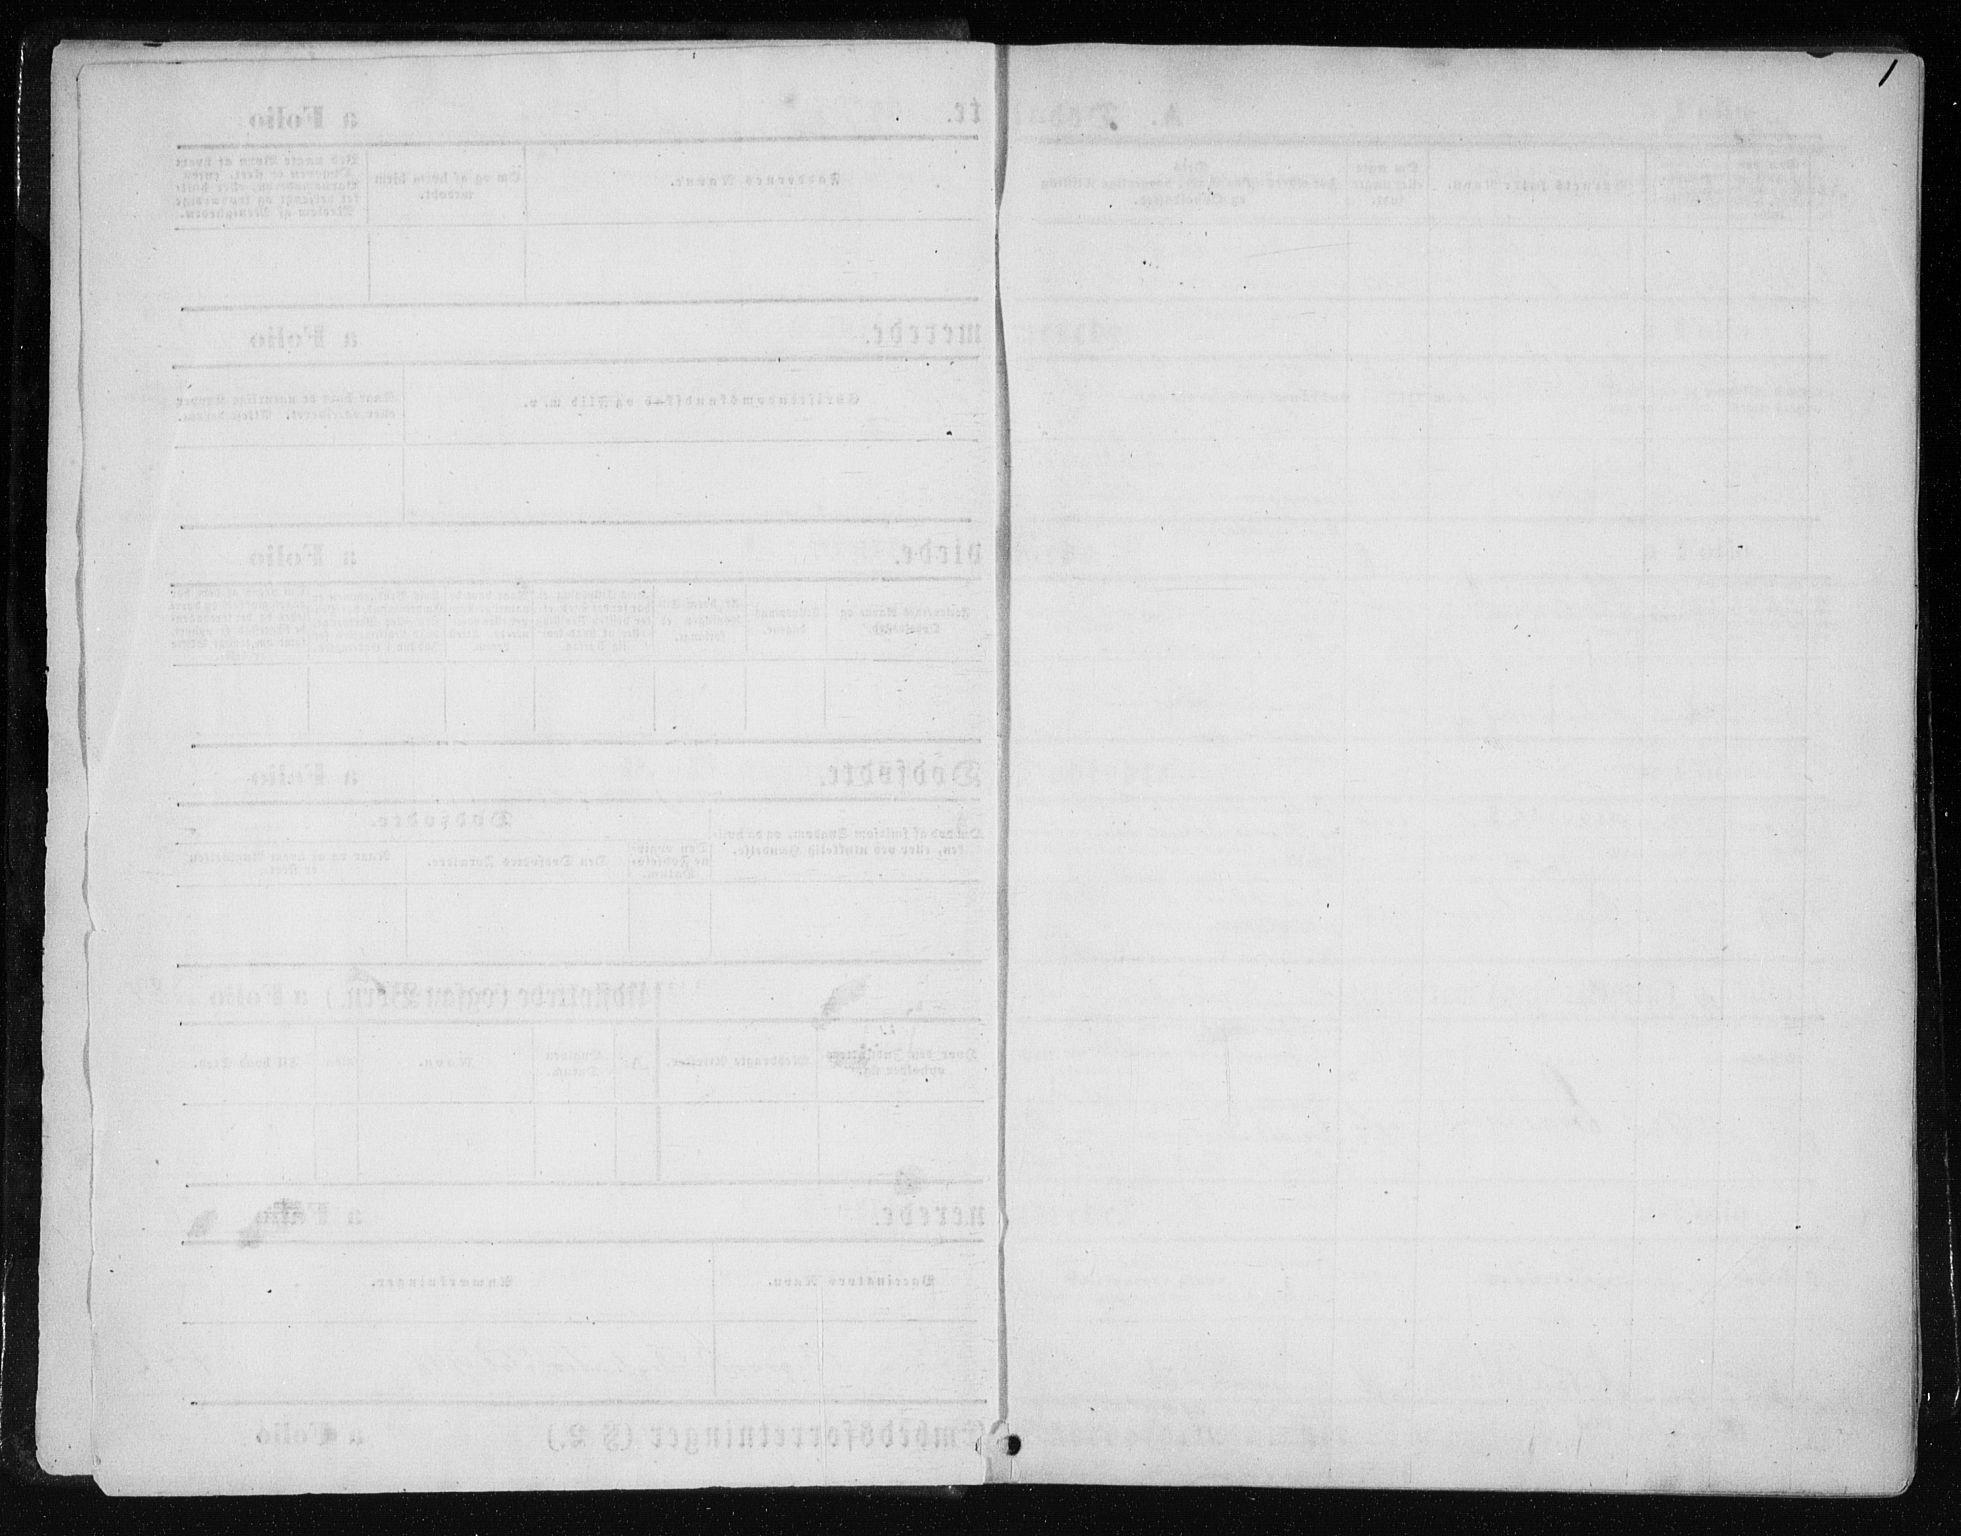 SAT, Ministerialprotokoller, klokkerbøker og fødselsregistre - Nord-Trøndelag, 717/L0157: Ministerialbok nr. 717A08 /1, 1863-1877, s. 1